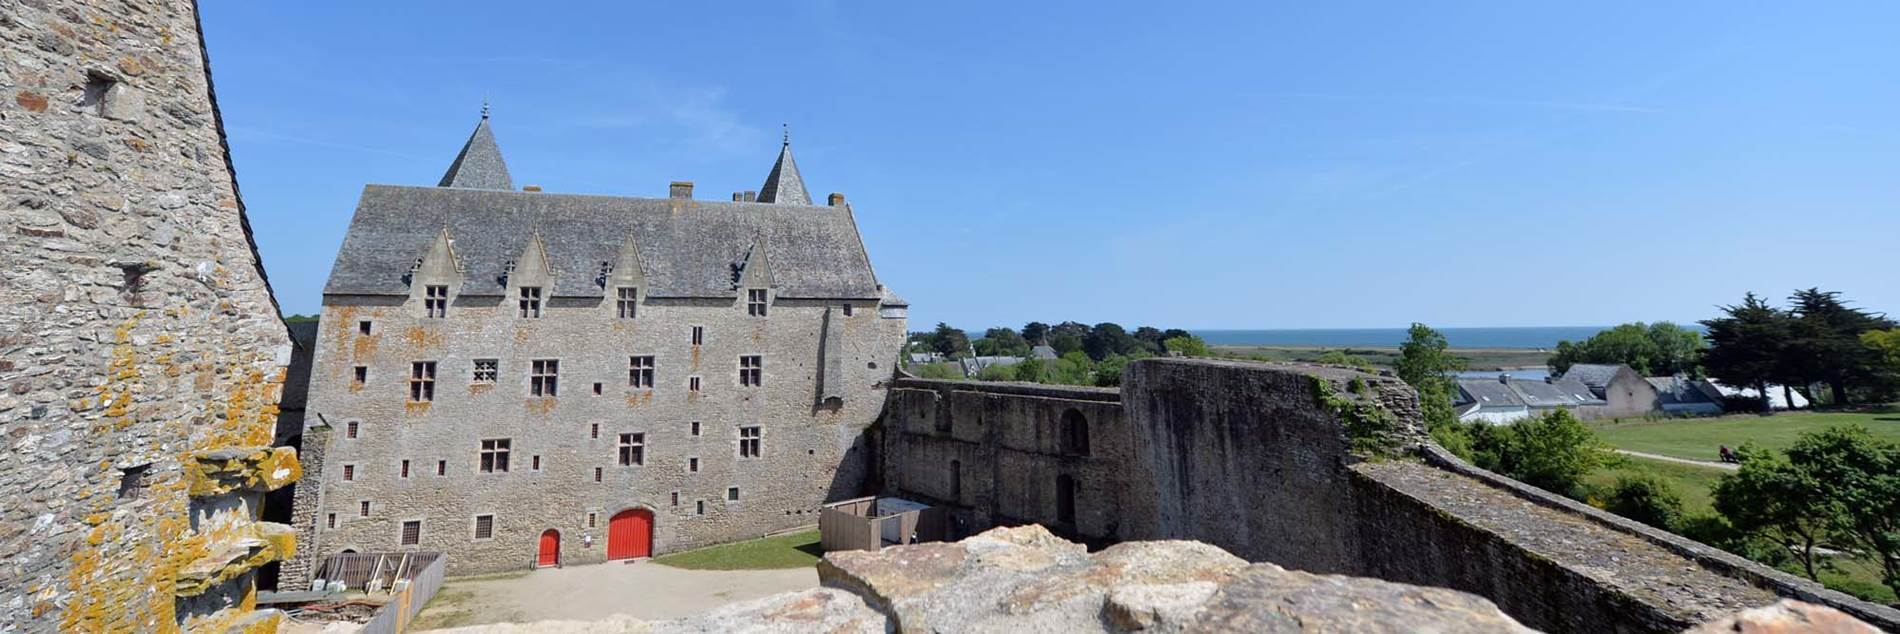 Domaine de Suscinio - Sarzeau - Morbihan - Bretagne Sud-06 © Michel RENAC